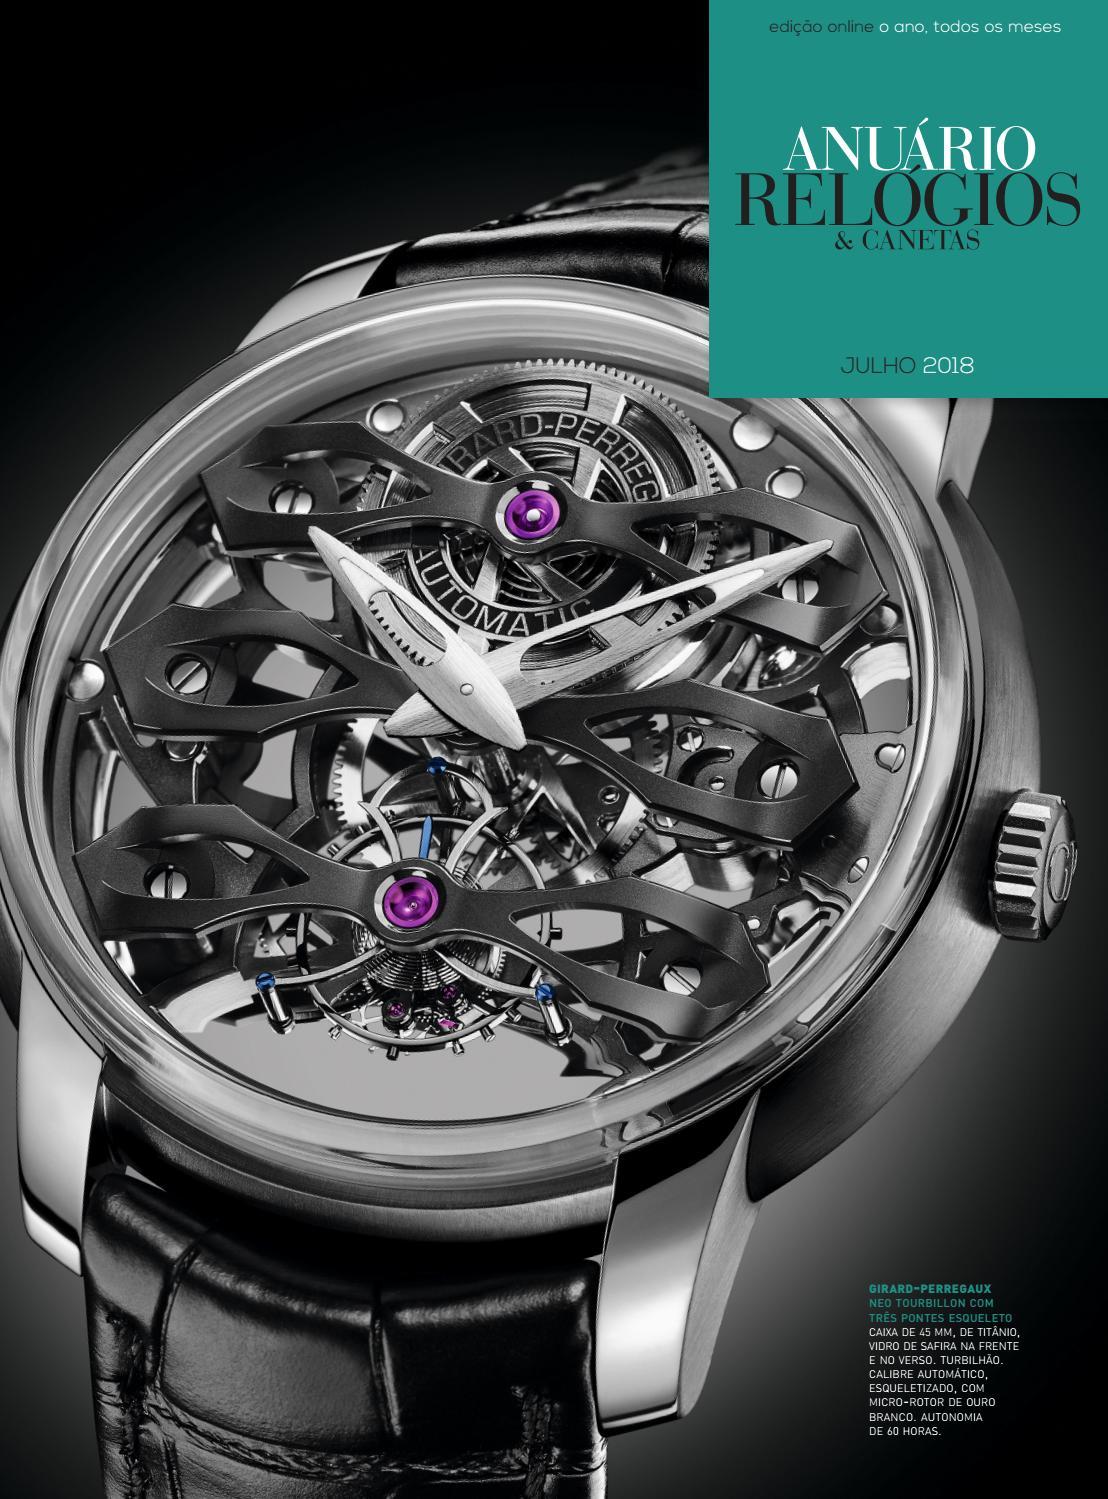 58d5a65c203 Anuário Relógios   Canetas - Julho 2018 by Anuário Relógios   Canetas -  issuu